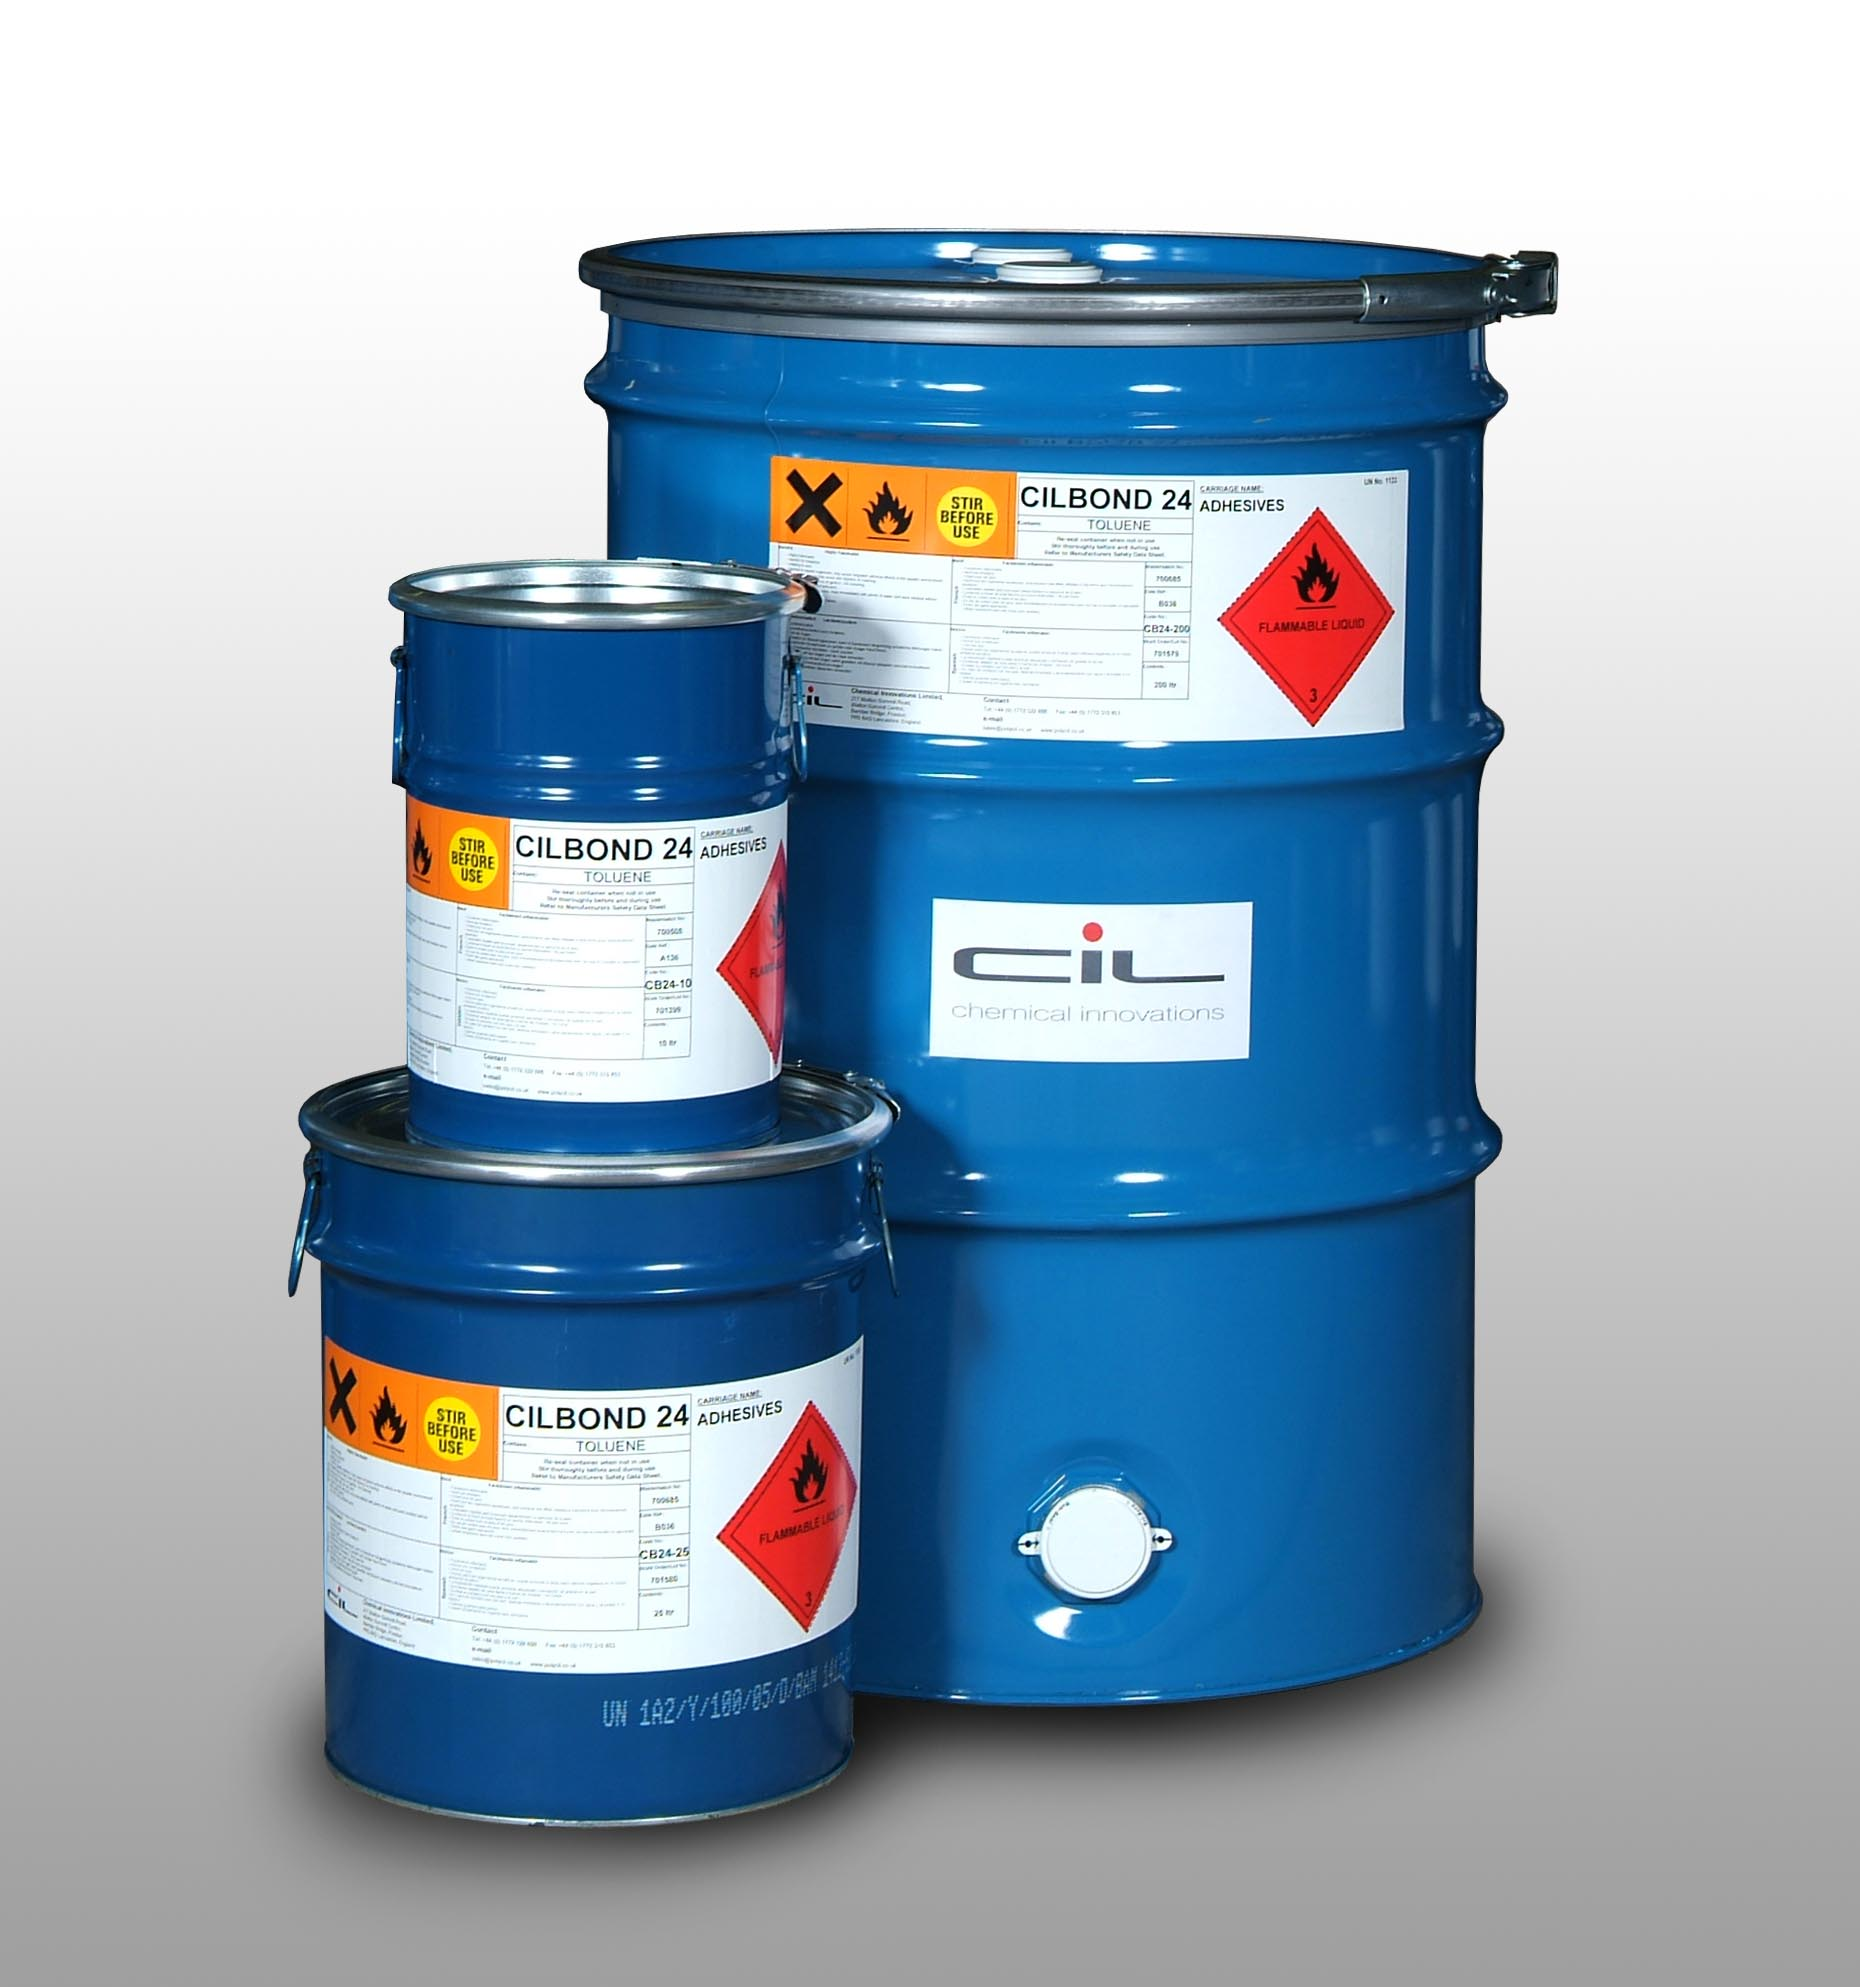 乐瑞固英国西邦橡胶热流化单涂粘合剂胶粘剂 CILBOND 24厂家直销专业技术支持